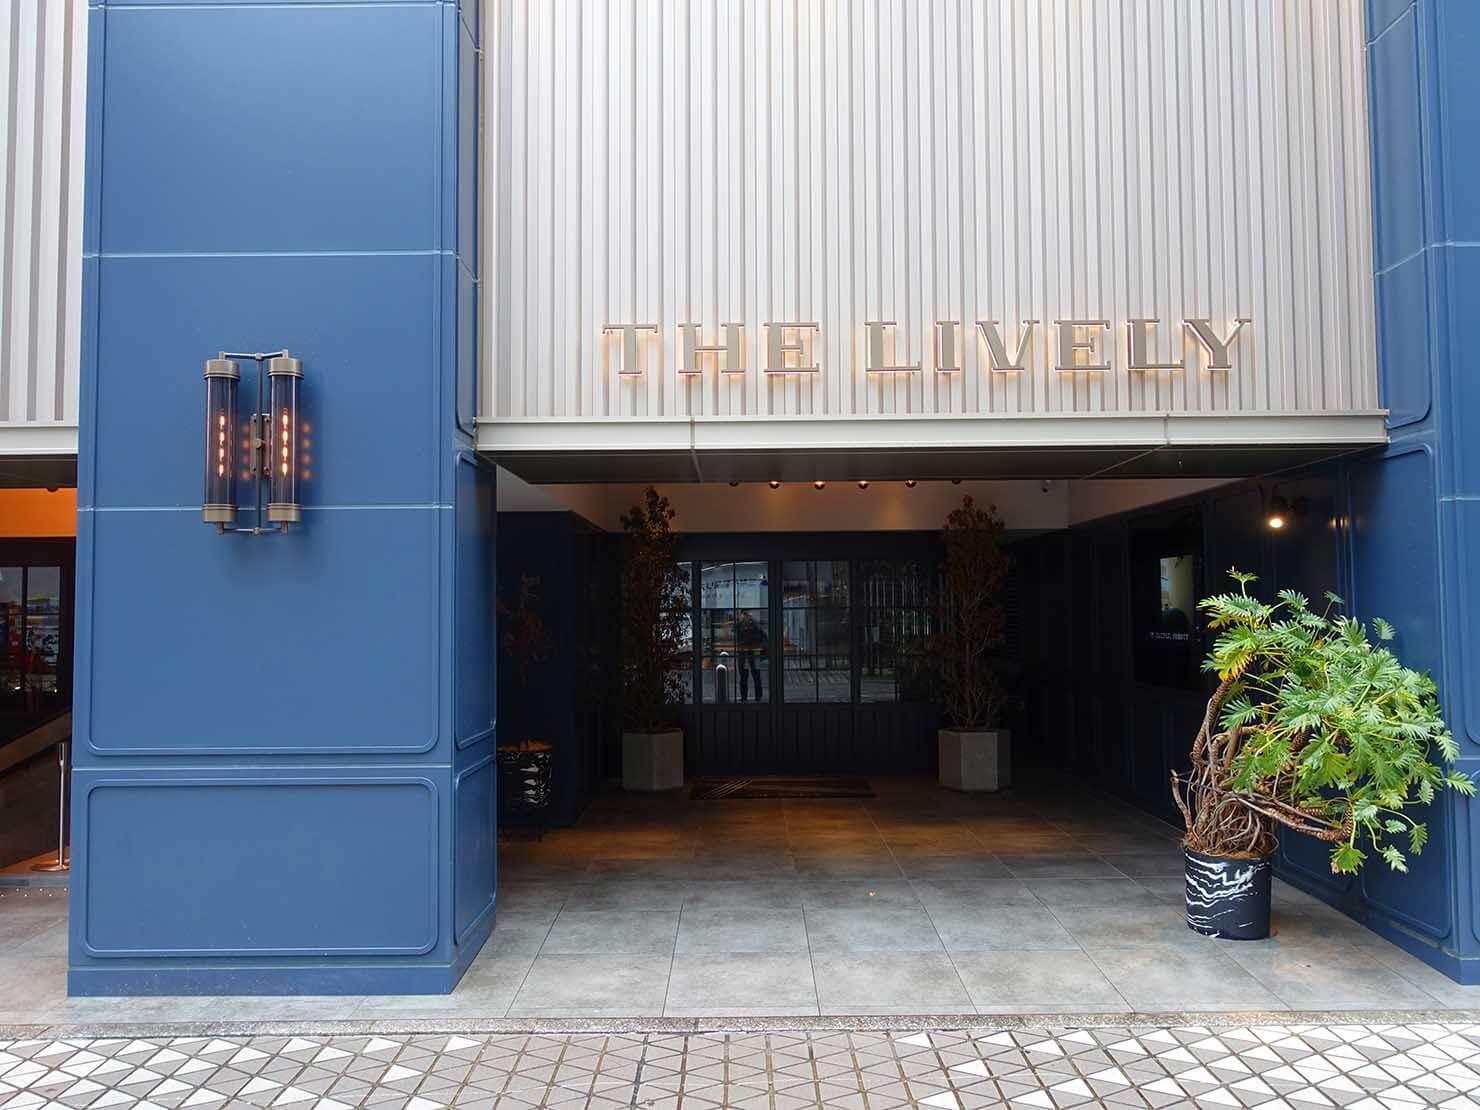 福岡・中洲川端にあるおしゃれなおすすめホテル「THE LIVELY」の外観